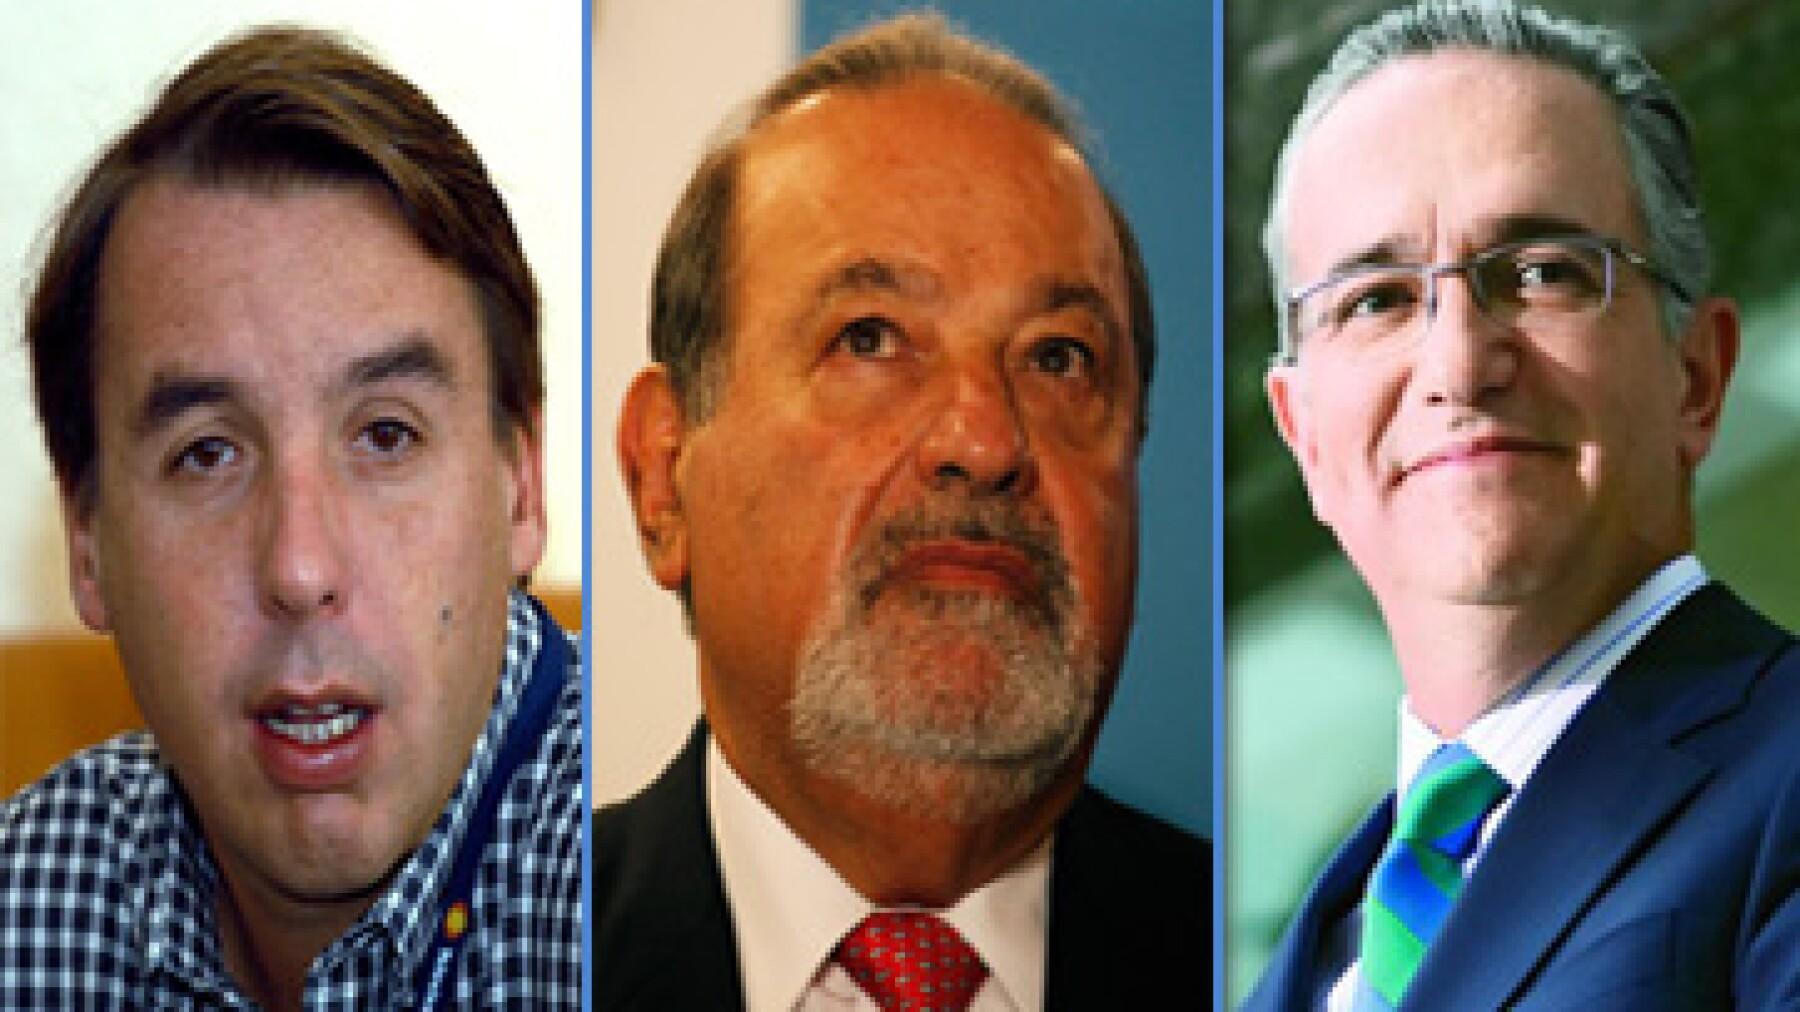 La 'batalla por las telecomunicaciones' que se dio entre los magnates dueños de Televisa y de TV Azteca, contra el dueño de Telmex, dio pie a numerosas primeras planas. (Foto: Especial)